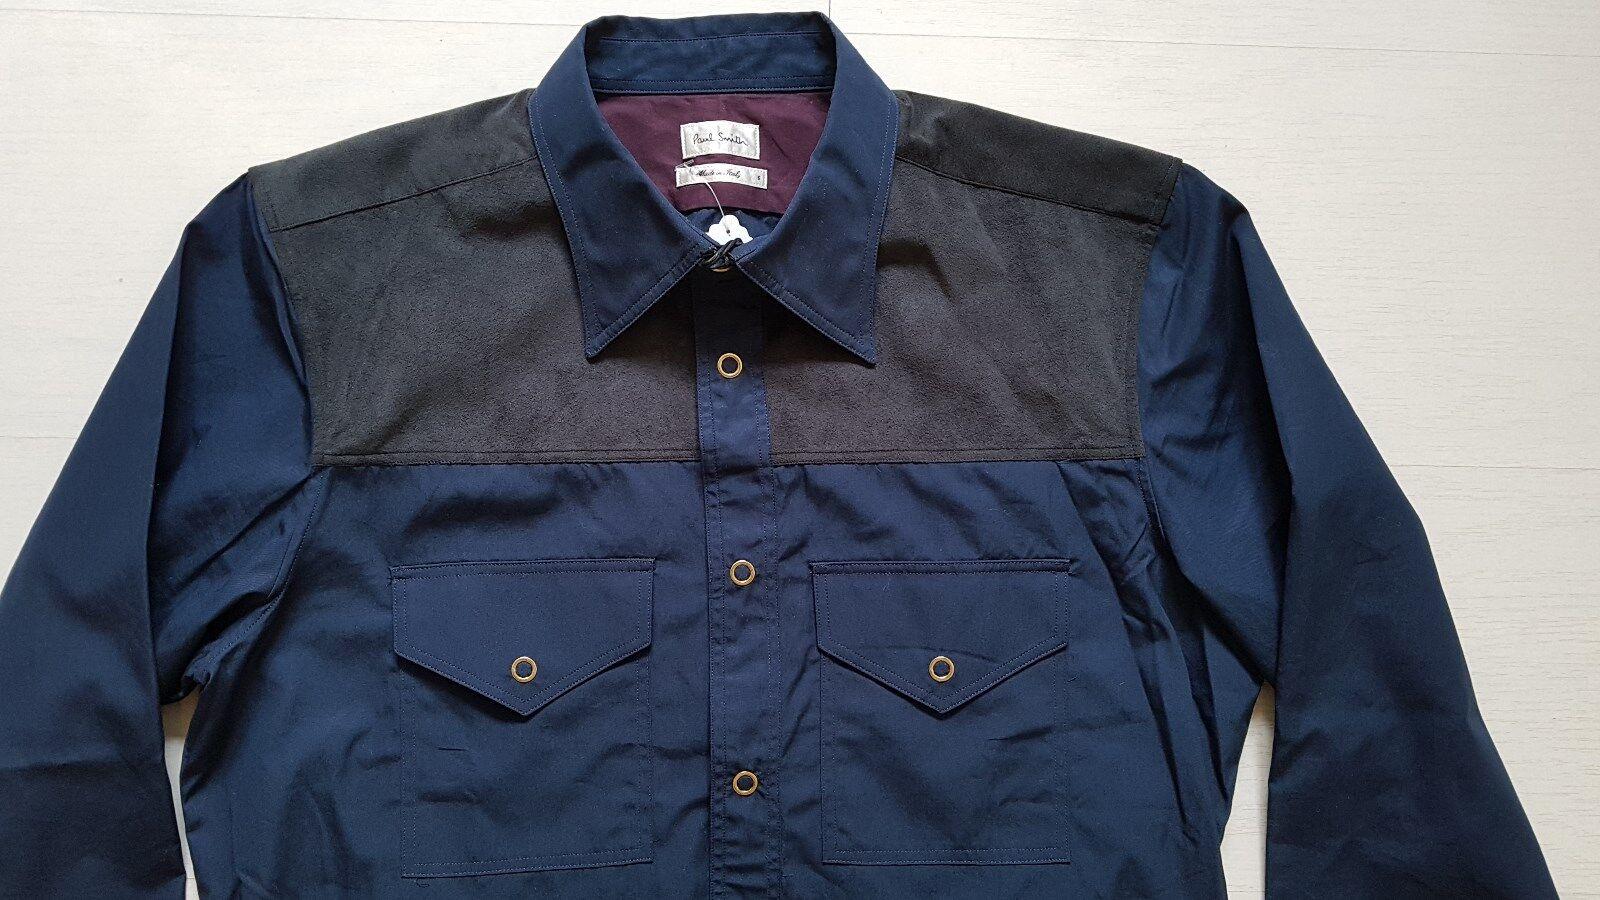 Paul Smith camicia in tessuto a contrasto, taglia S, TAG Nuovo di zecca con